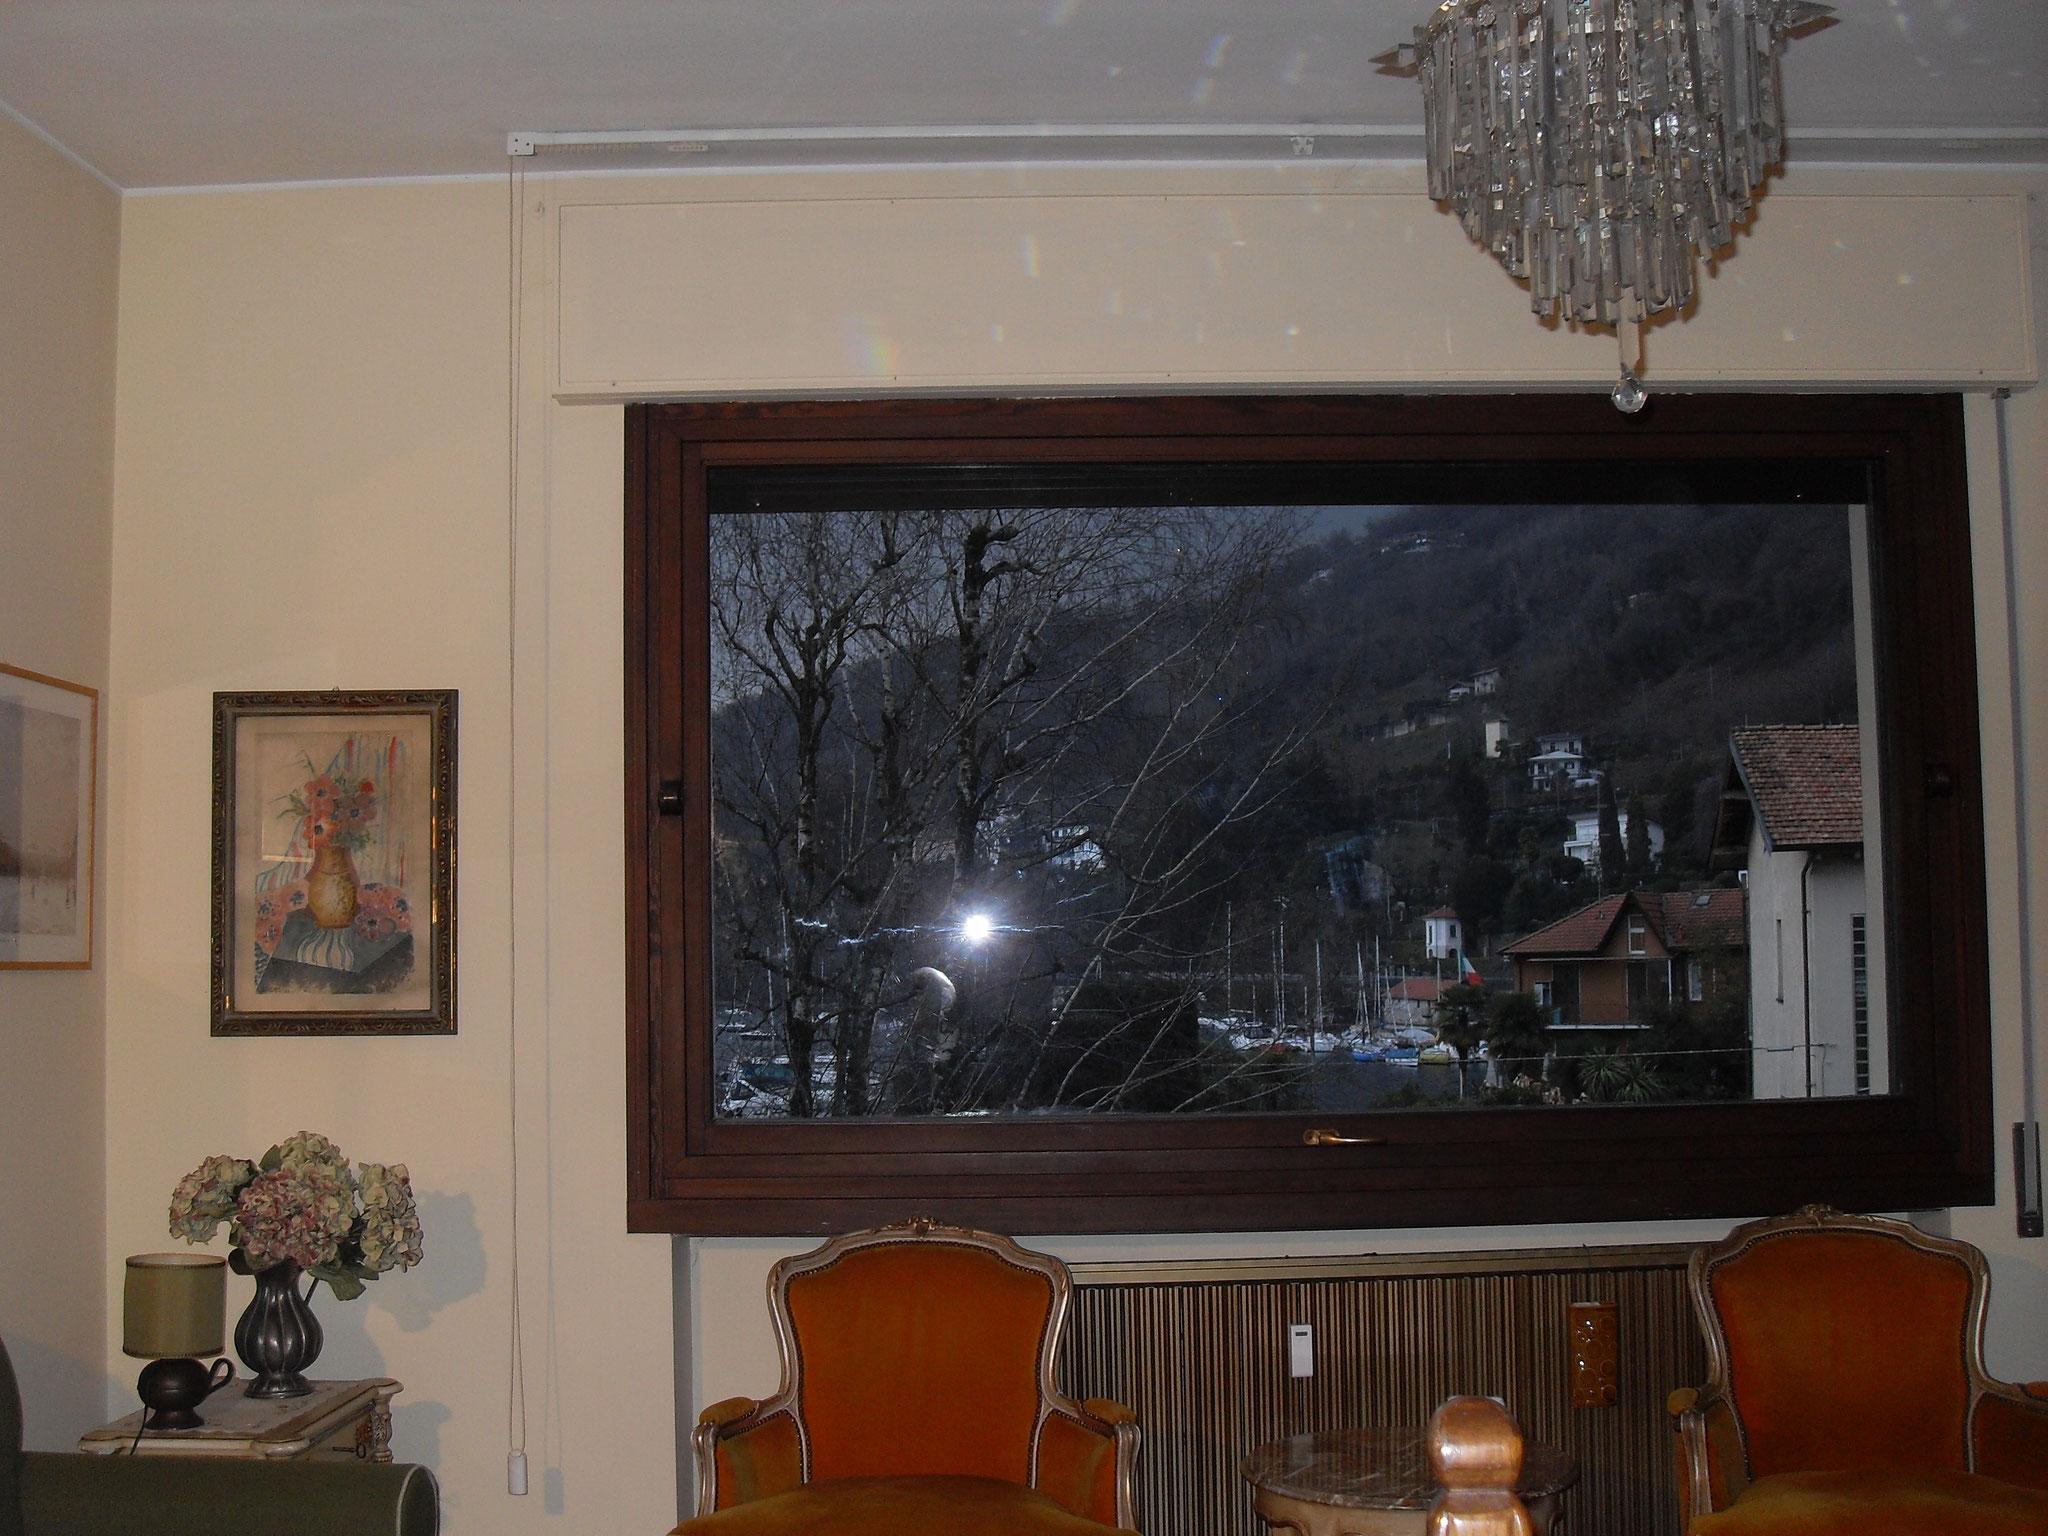 vue sur le lac de la fenêtre du salon